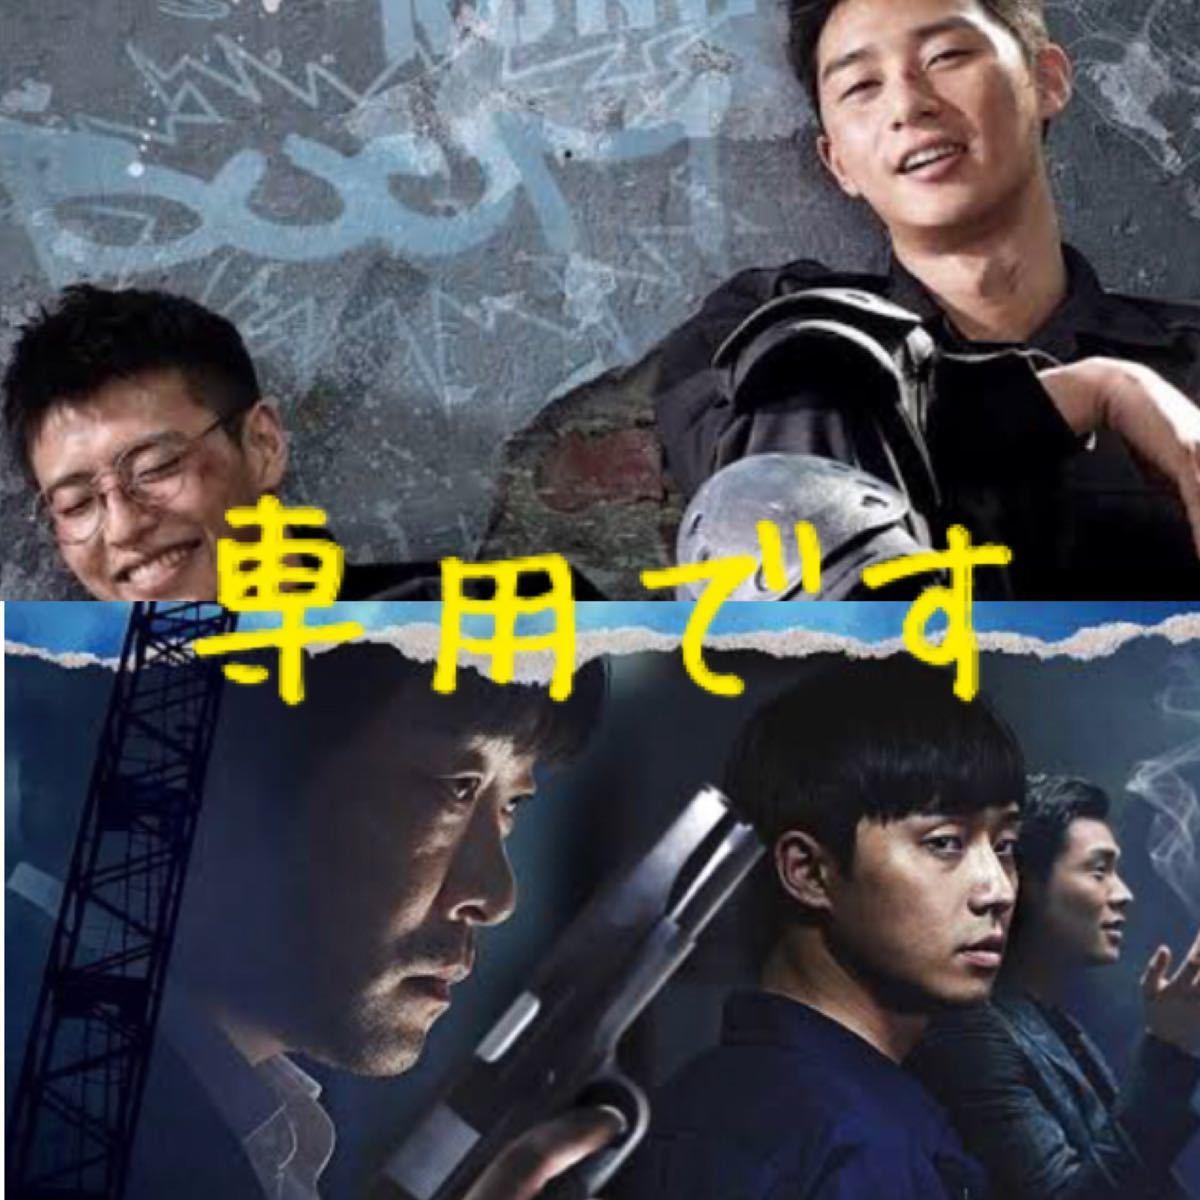 専用です。韓国映画  パク・ソジュン  出演映画  DVD  2点セット  レーベル有り